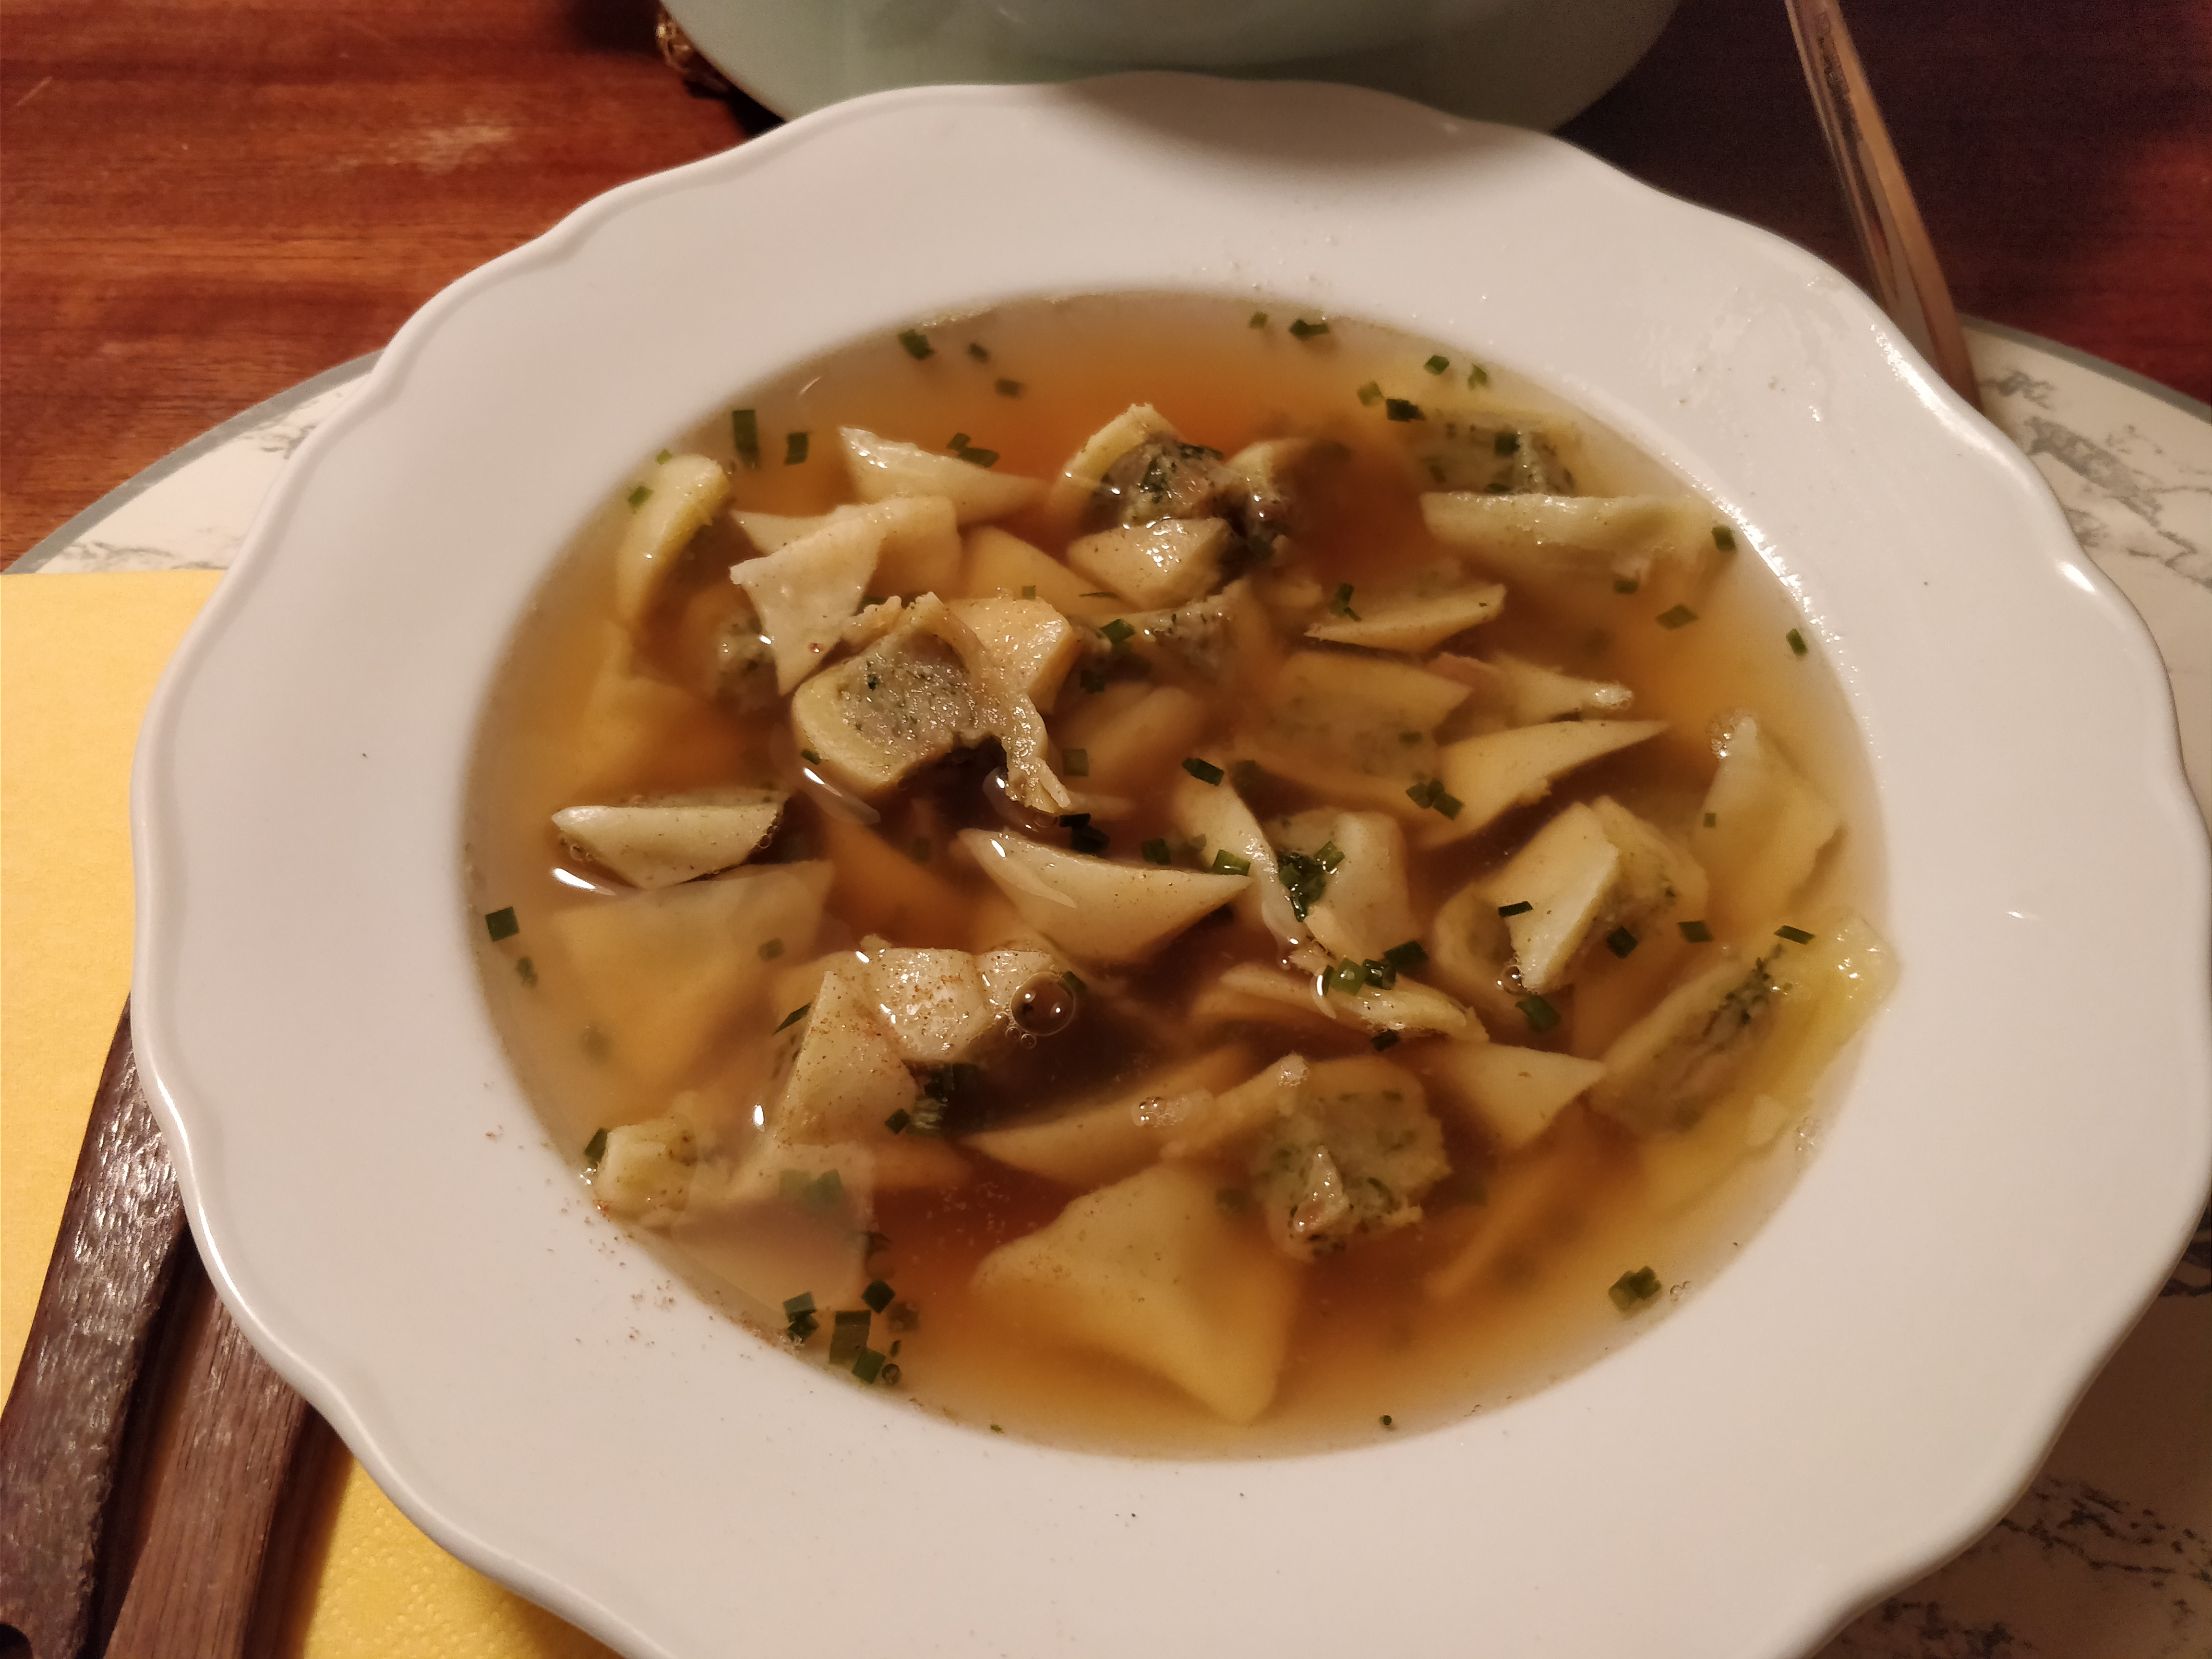 http://foodloader.net/nico_2017-10-14_maultaschen-in-der-bruehe.jpg